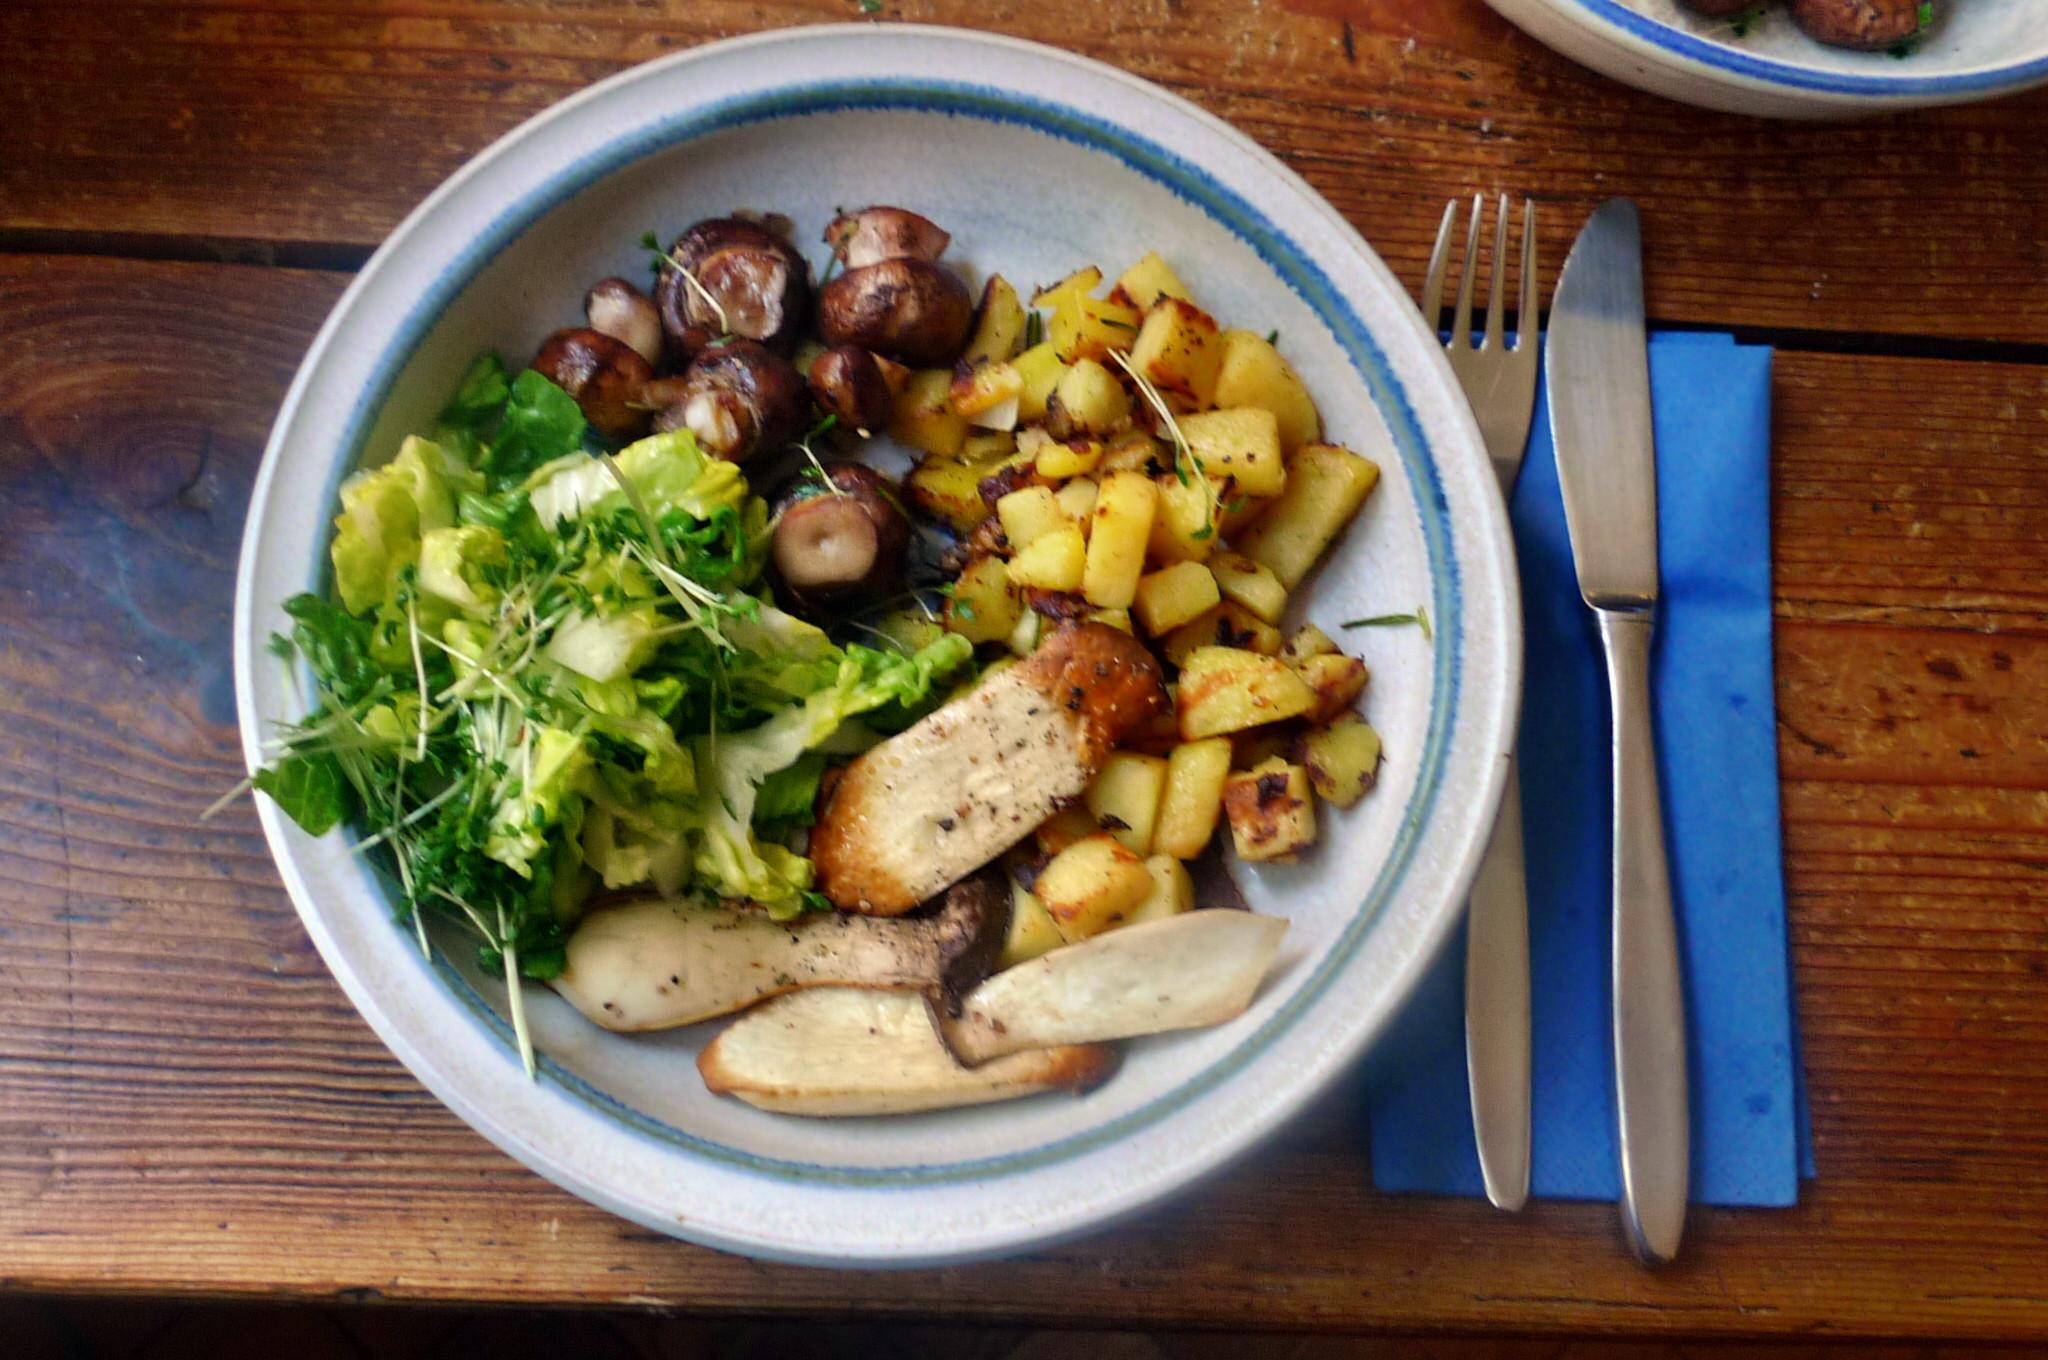 Roh gebratene Kartoffeln,Kräutersaitlinge,Champignon,Römersalat - 26.2.15   (12)